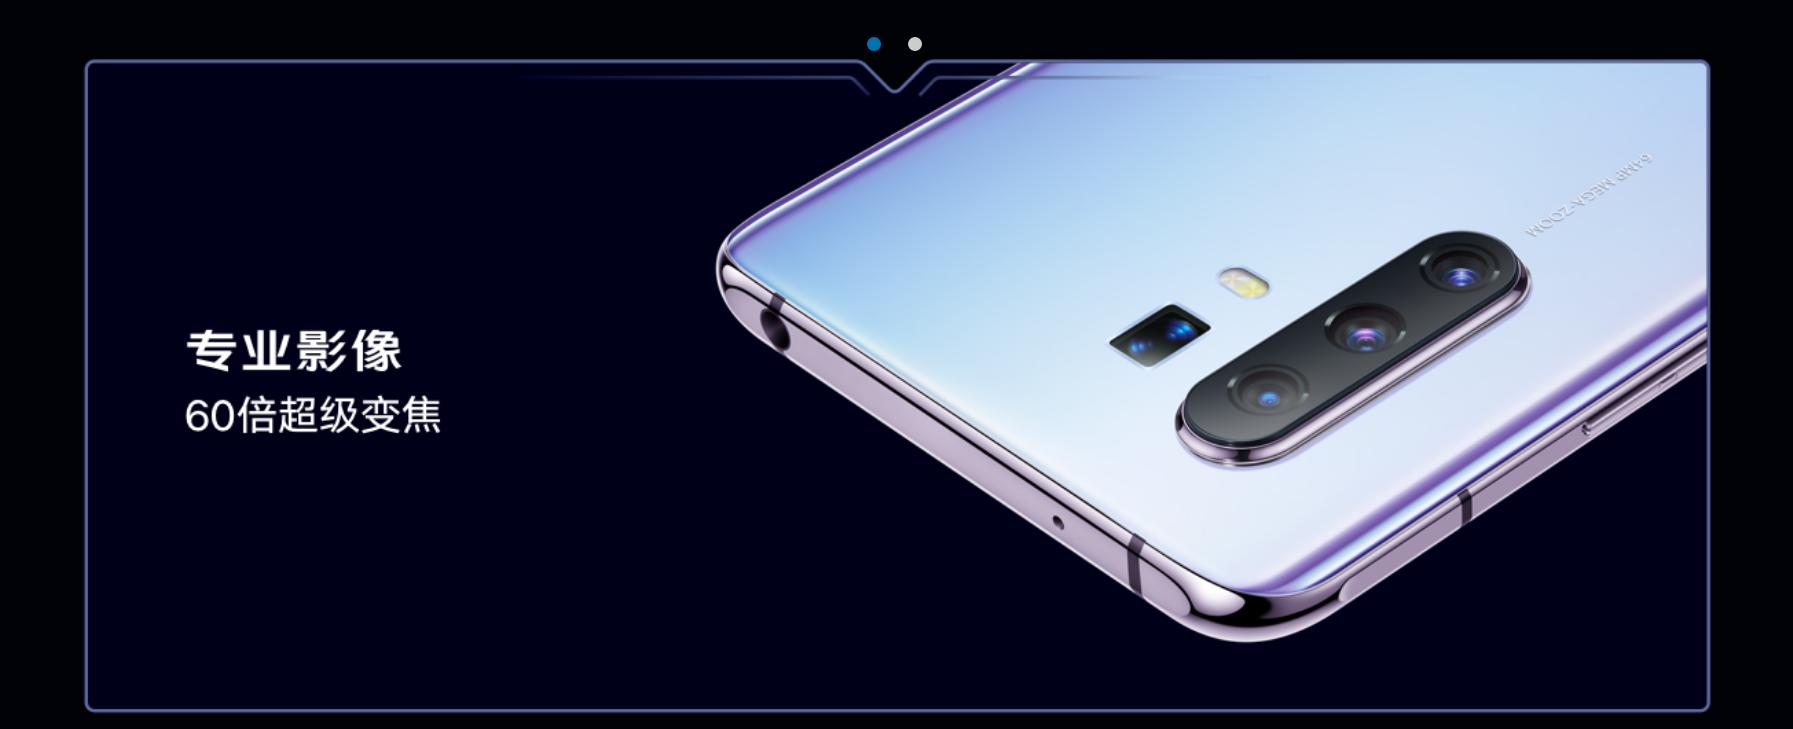 潜望式镜头/双模5G vivo X30官网开启预约